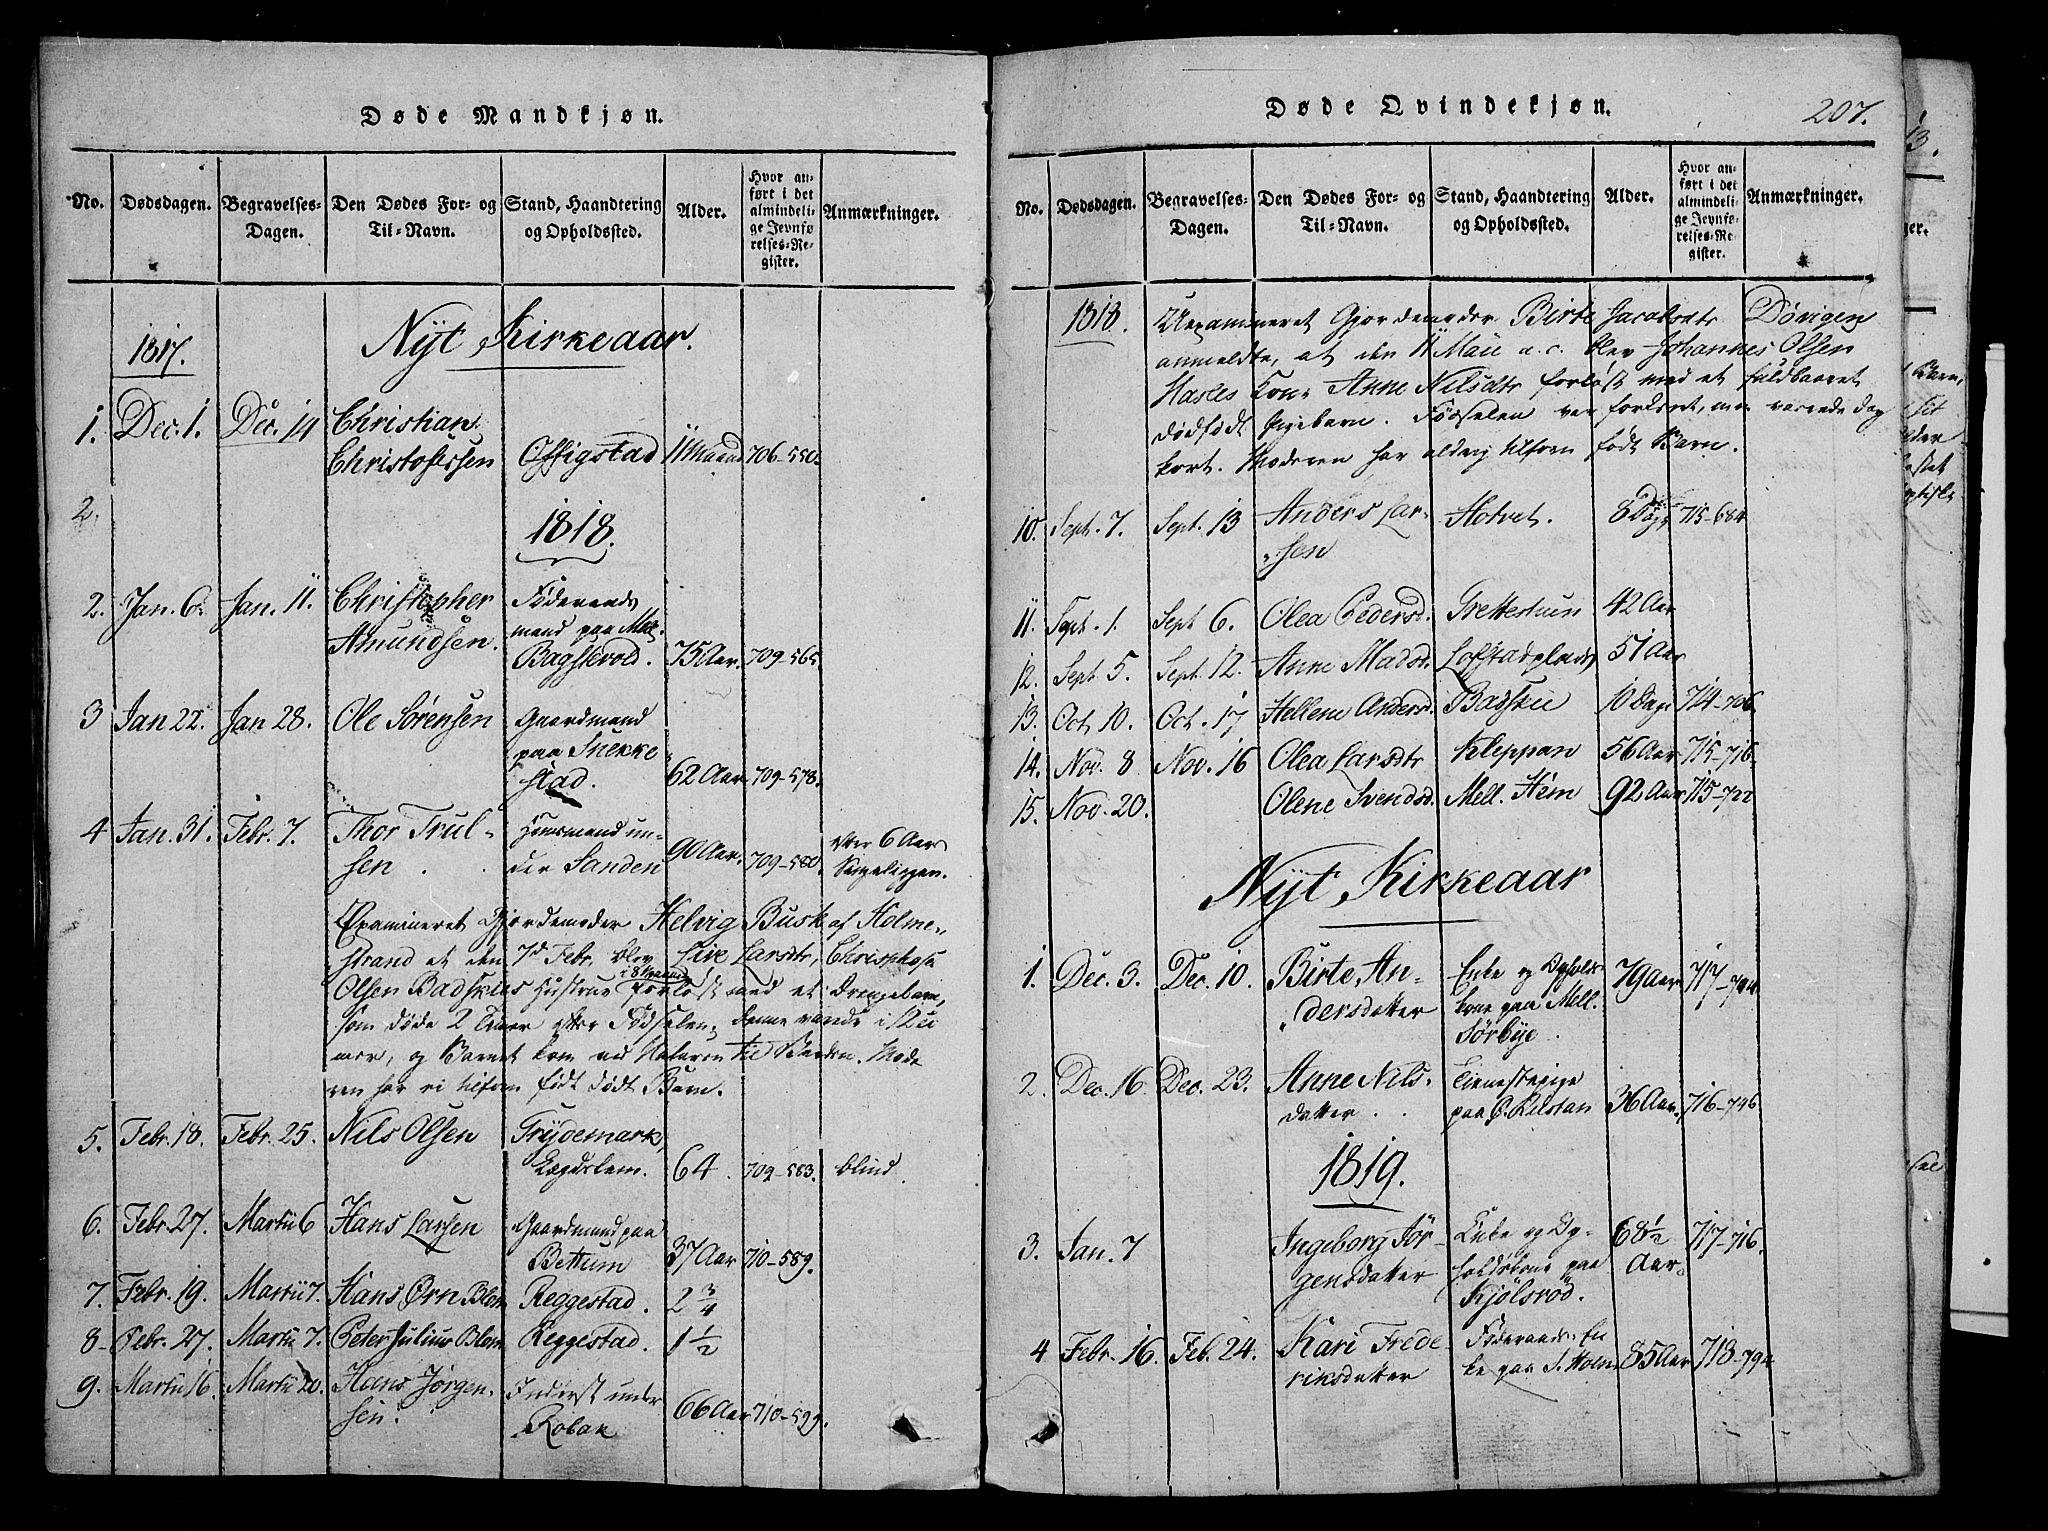 SAKO, Våle kirkebøker, F/Fa/L0007: Ministerialbok nr. I 7, 1814-1824, s. 206-207